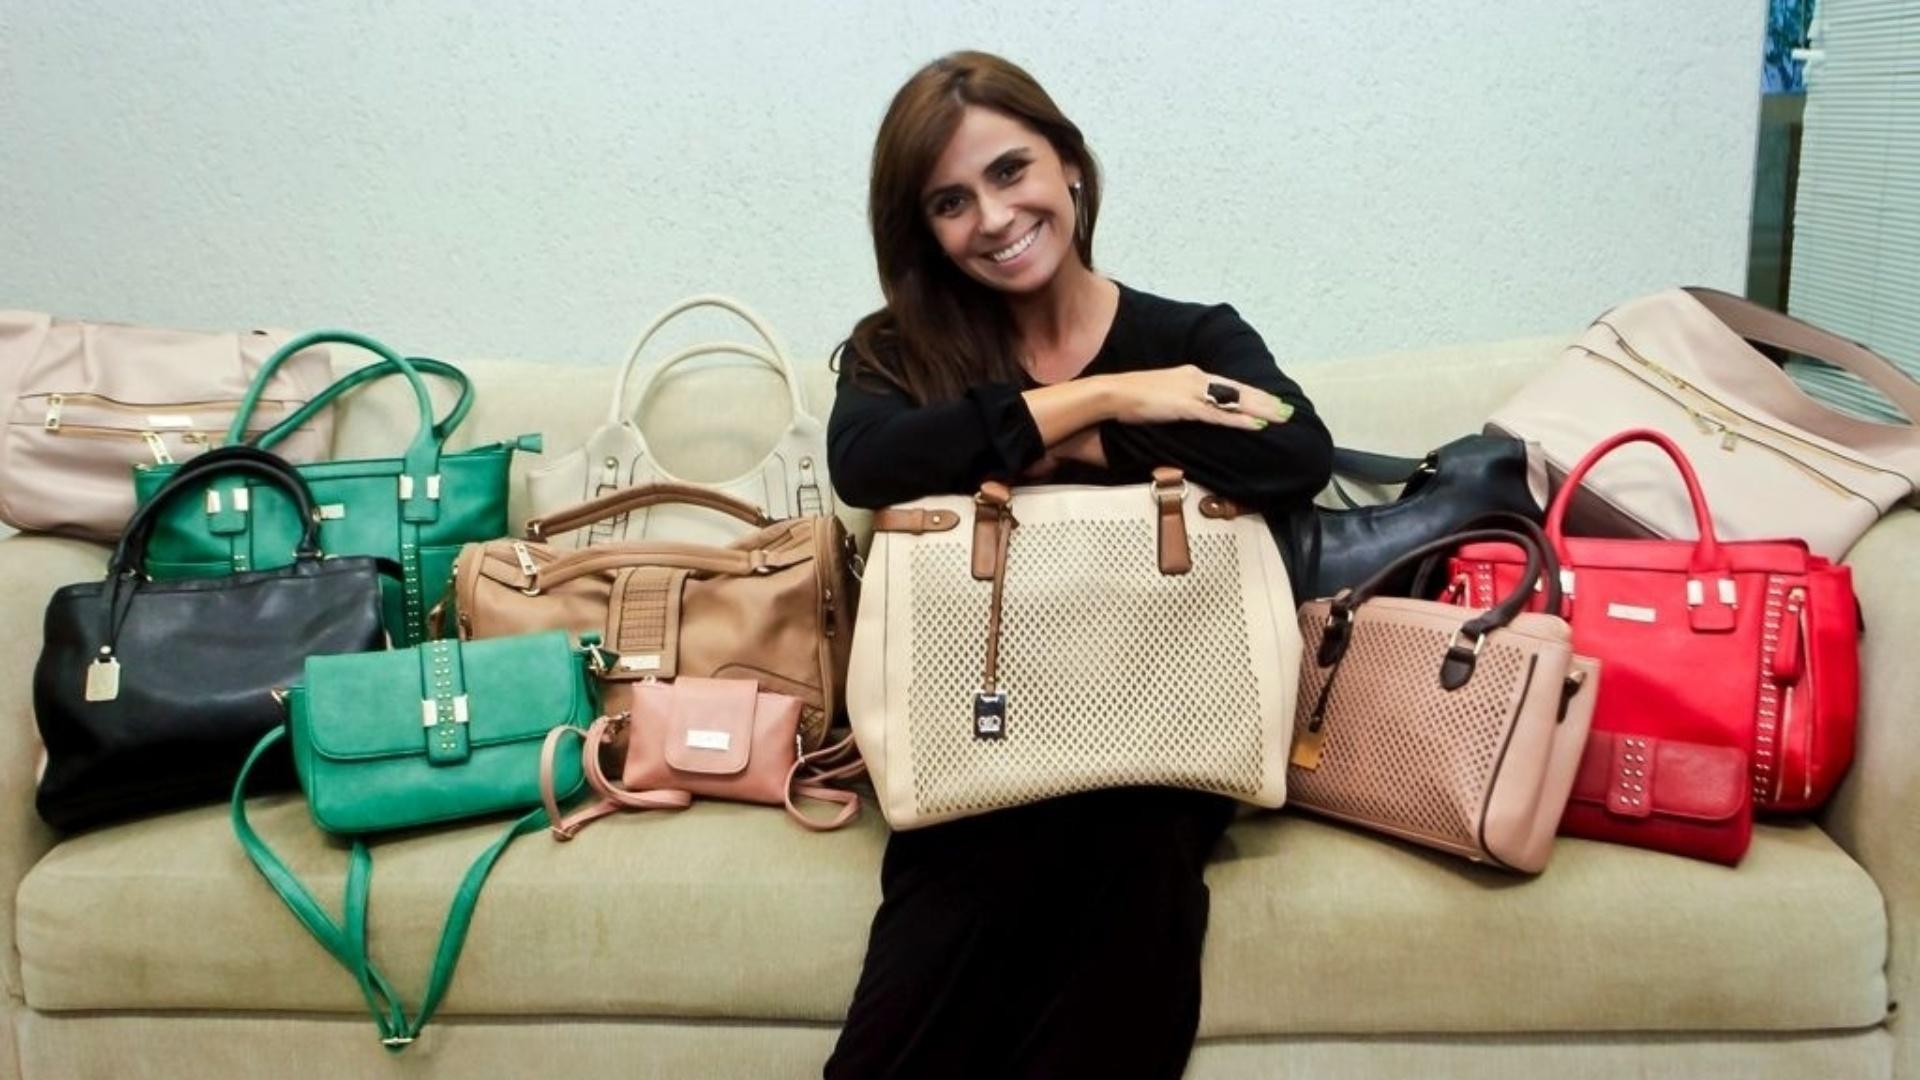 A atriz Giovanna Antonelli está lançando, em parceria com a Le Postiche, uma linha de bolsas com o seu nome